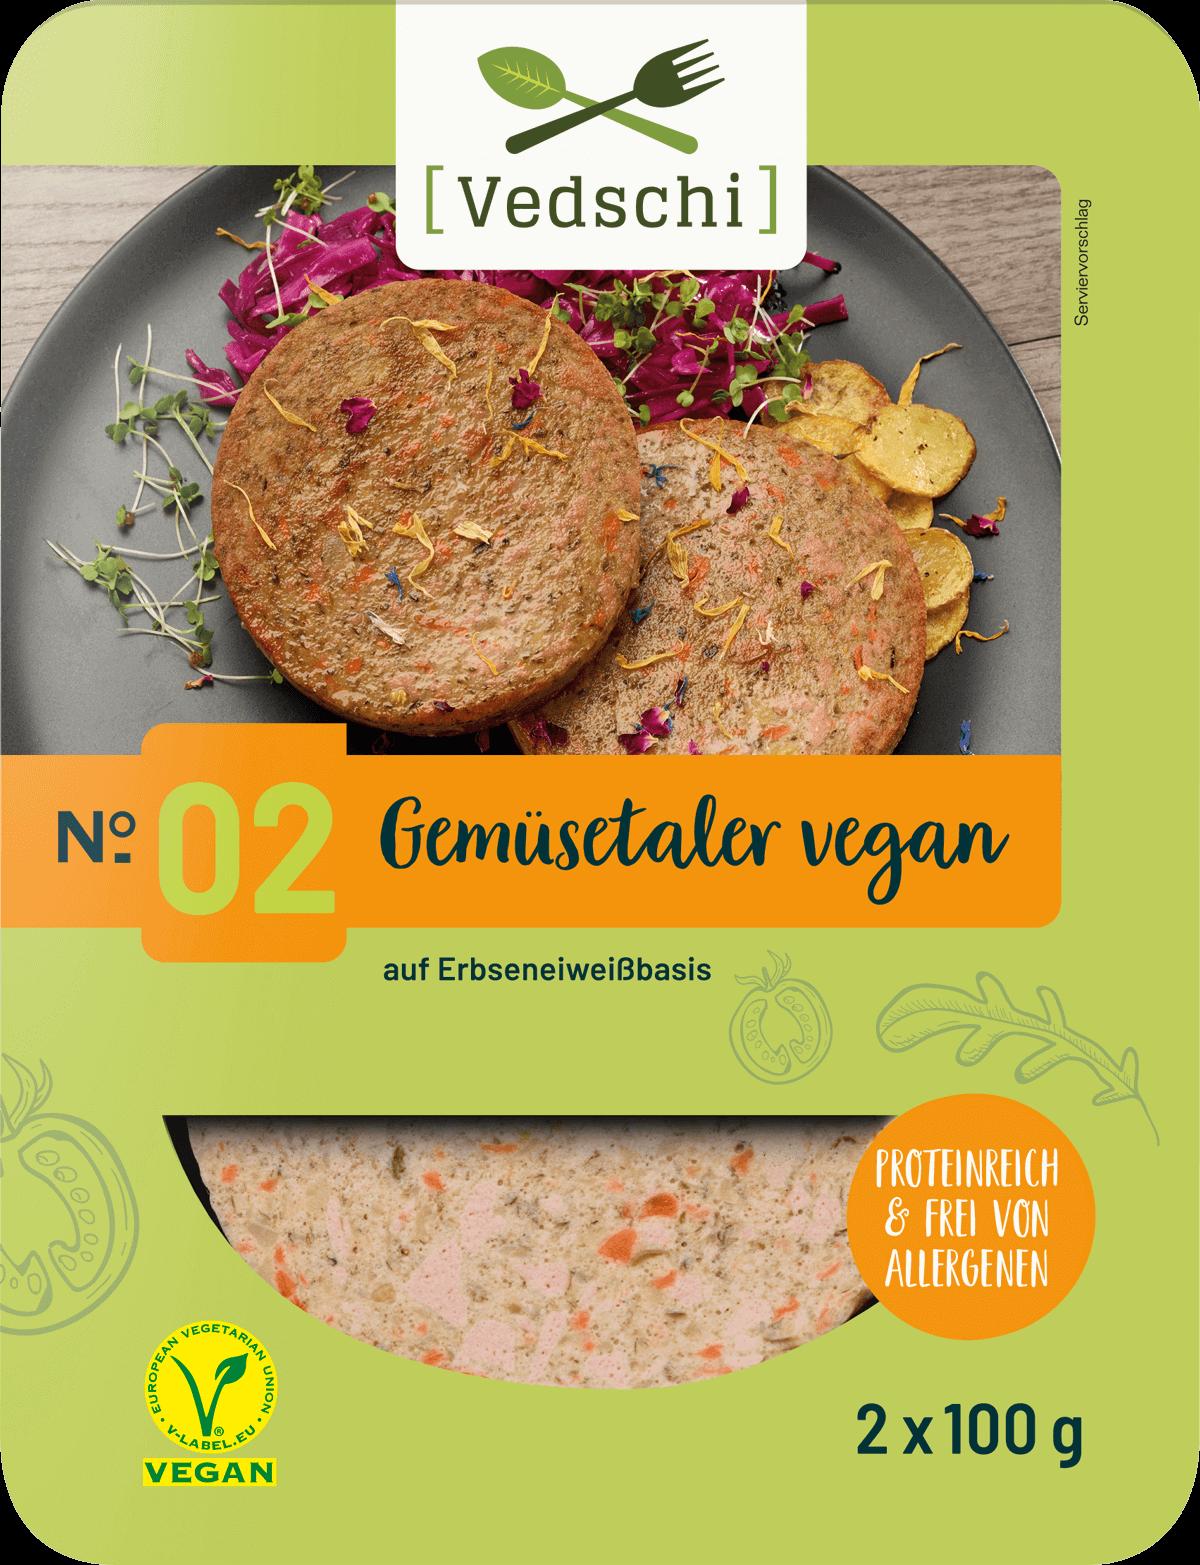 Vedschi № 02 Gemüsetaler vegan im Verpackungsdesign